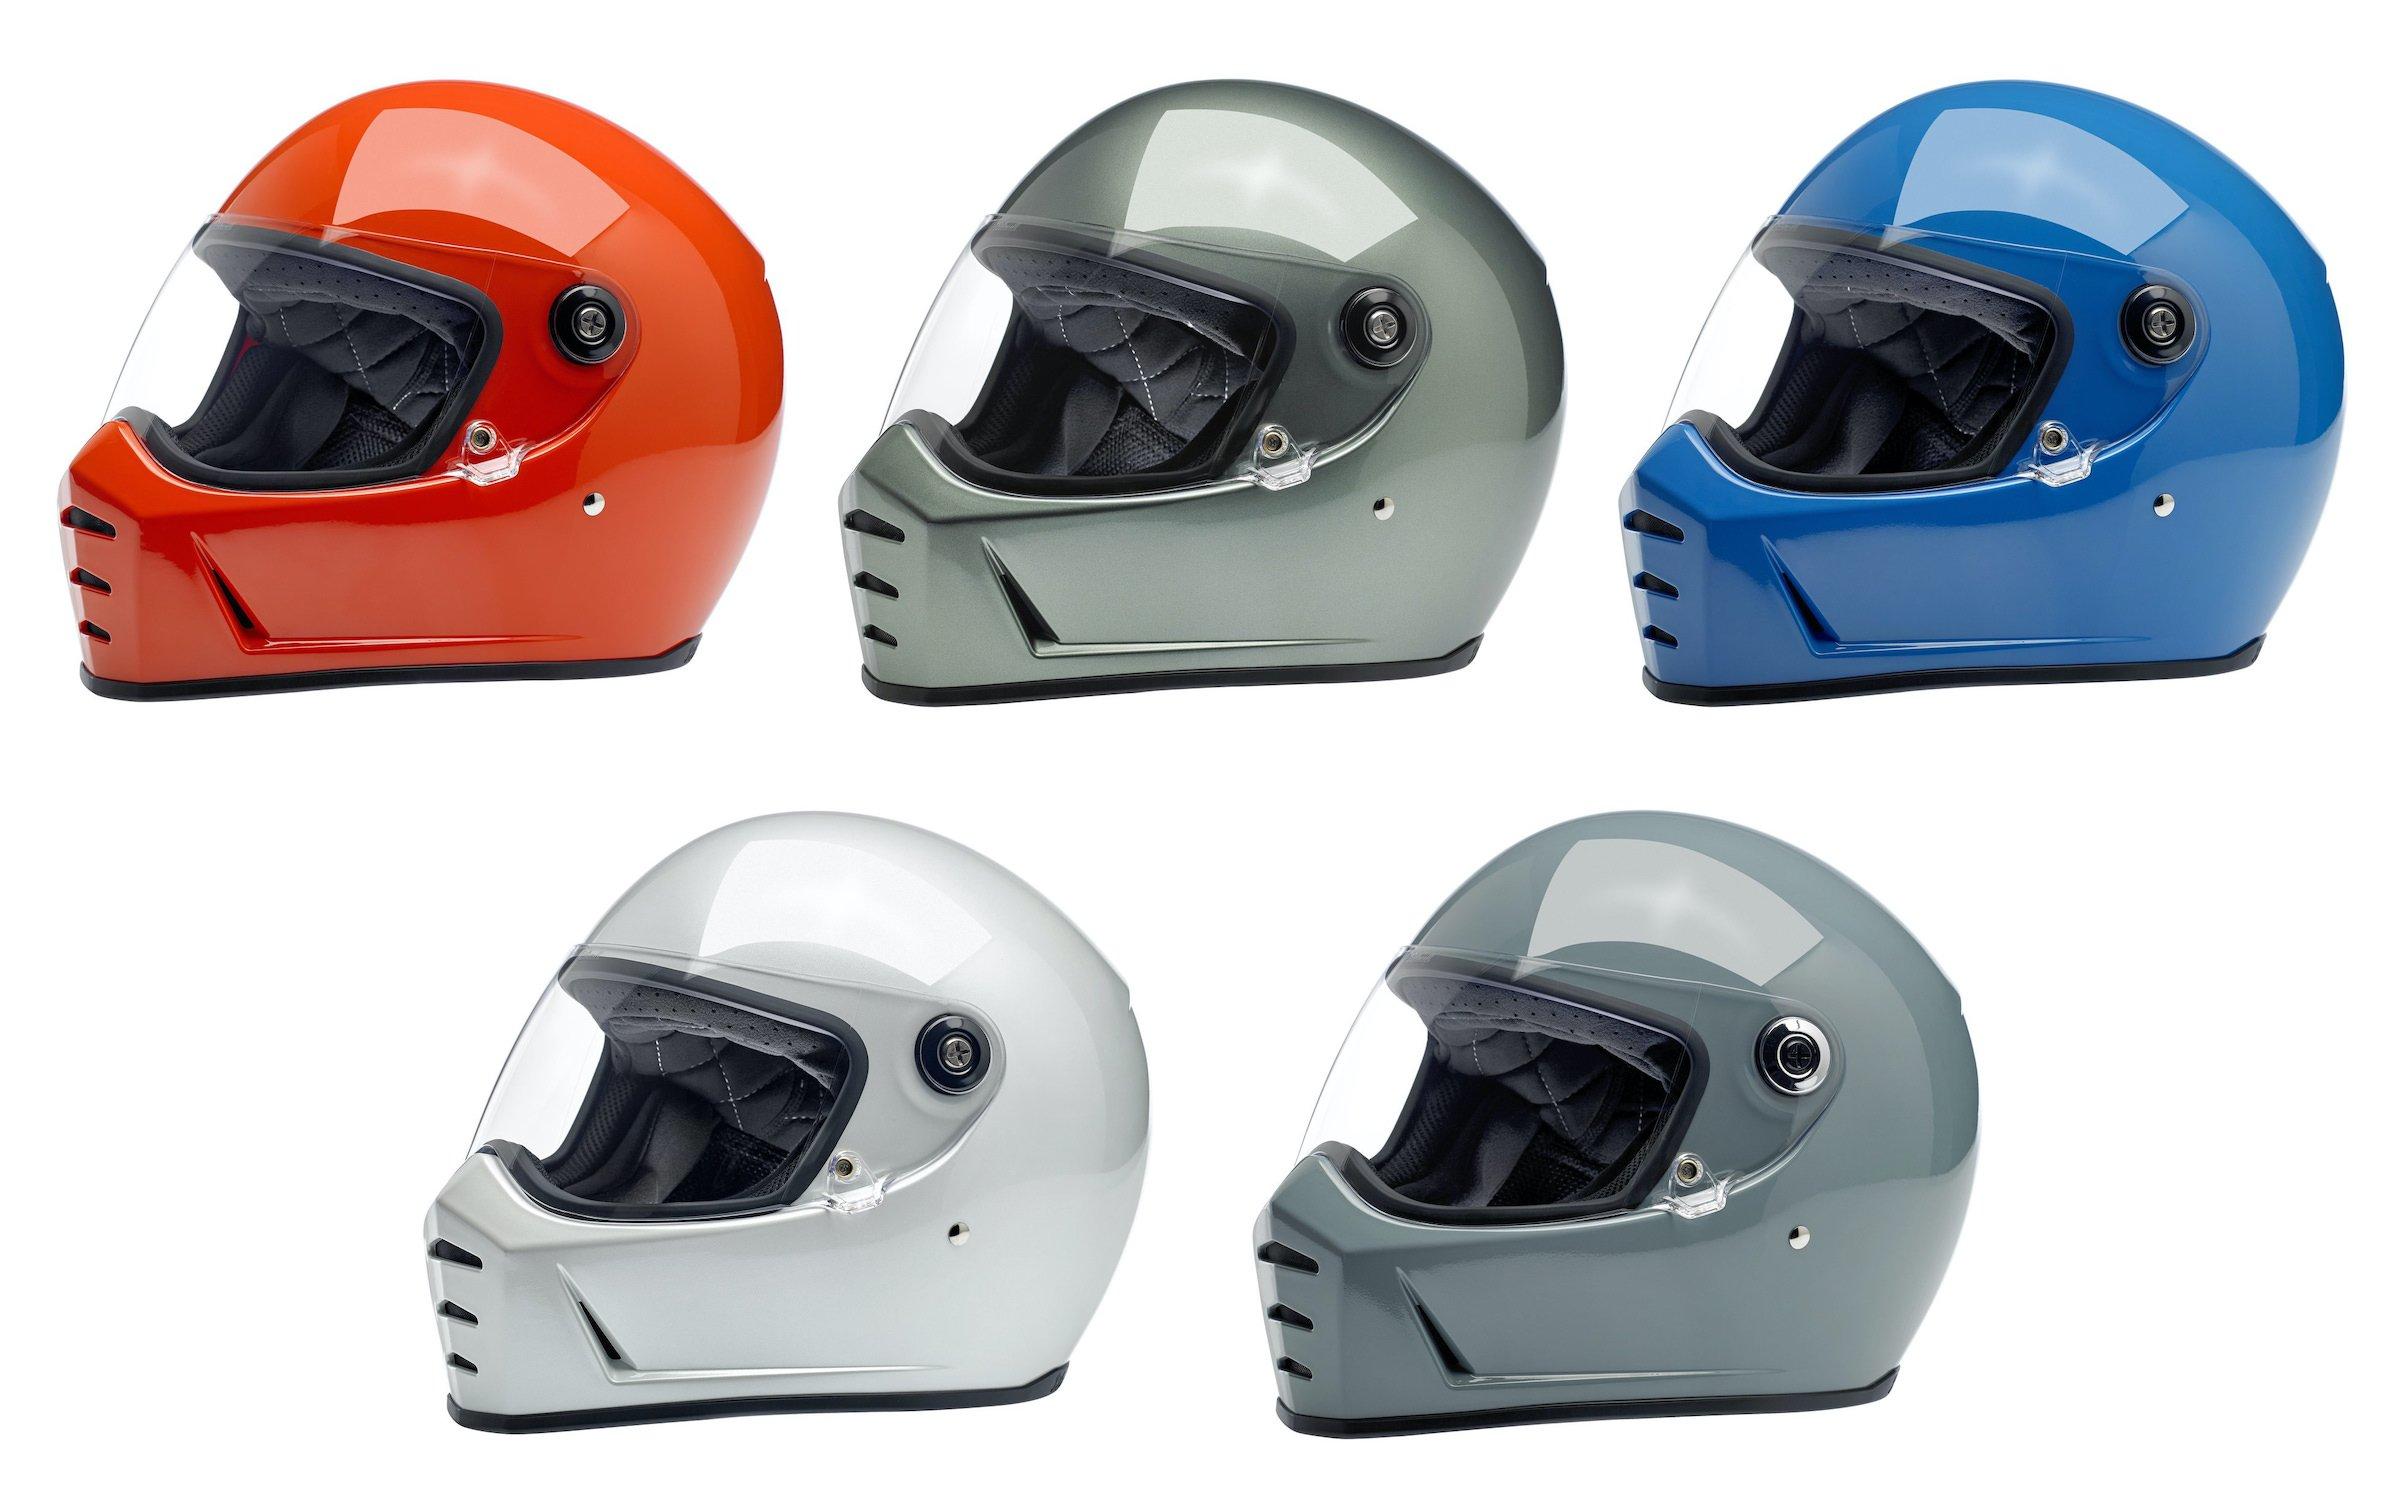 2020 Biltwell Lane Splitter Helmets